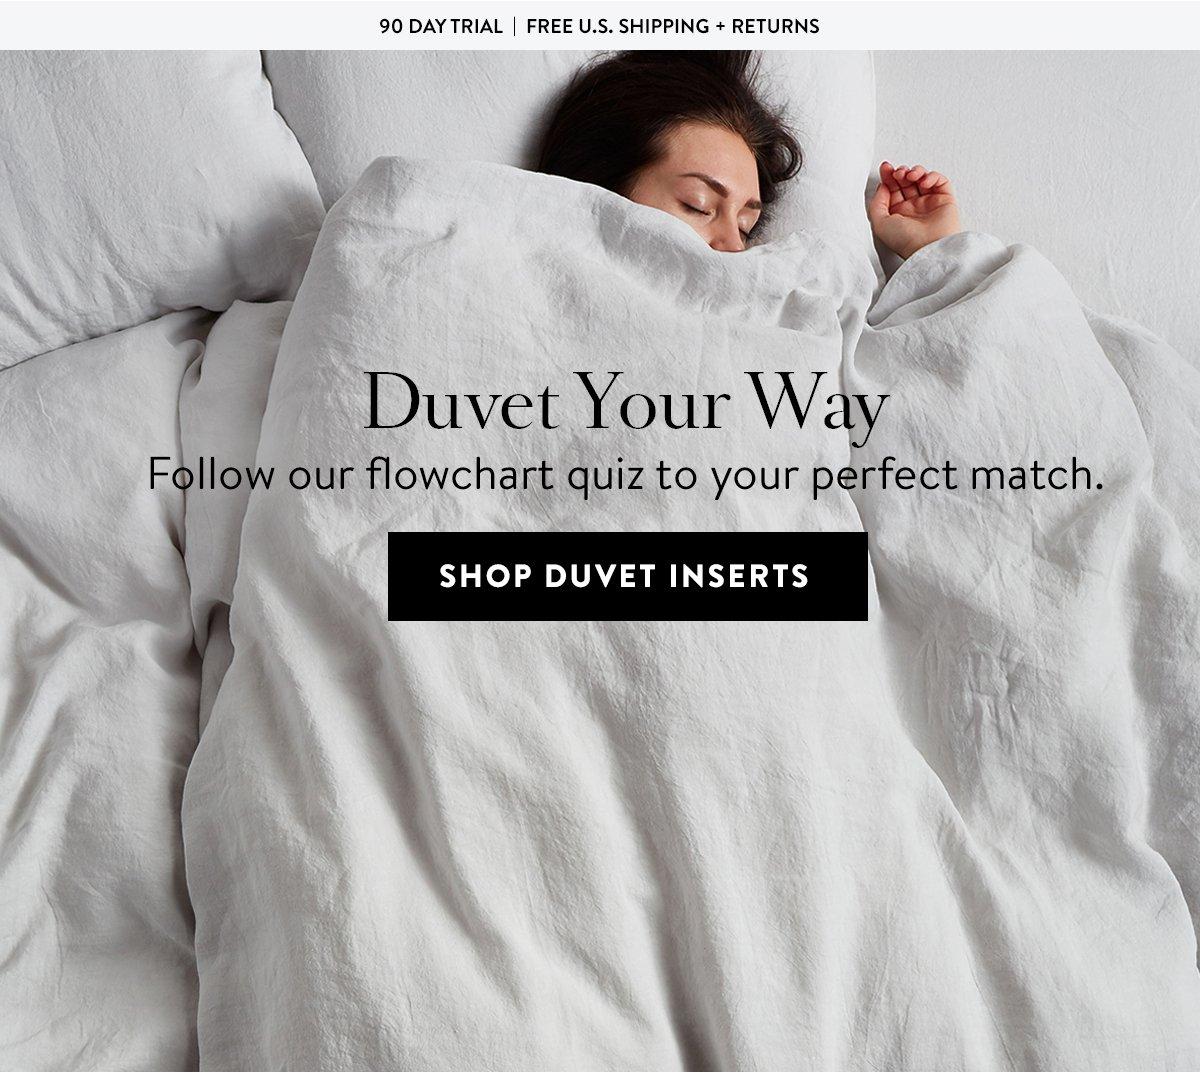 Shop Duvet Inserts